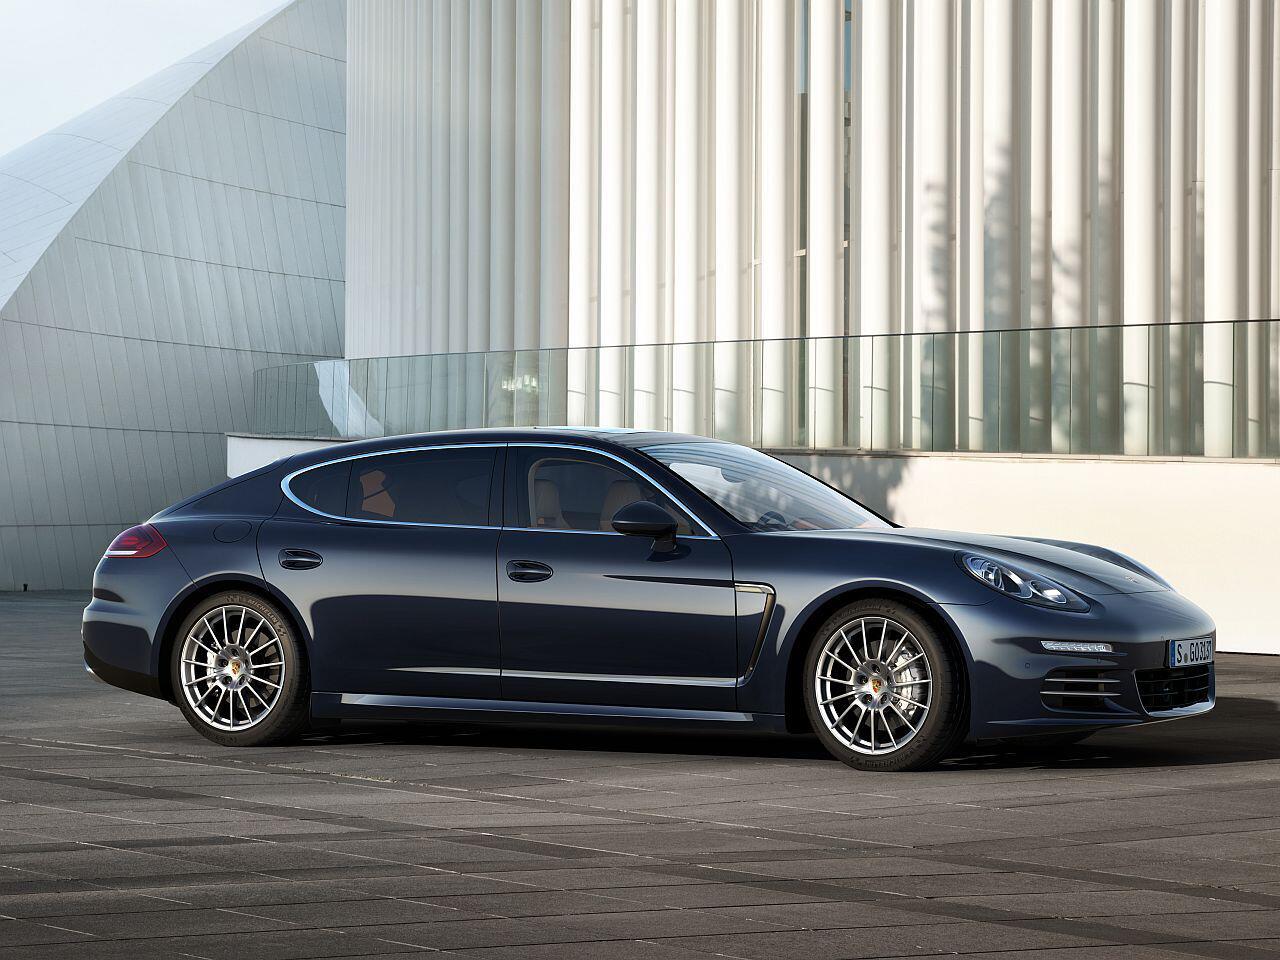 Bild zu Bester Werterhalt in Prozent bei den Luxusklasse-Pkw: Porsche Panamera 4S